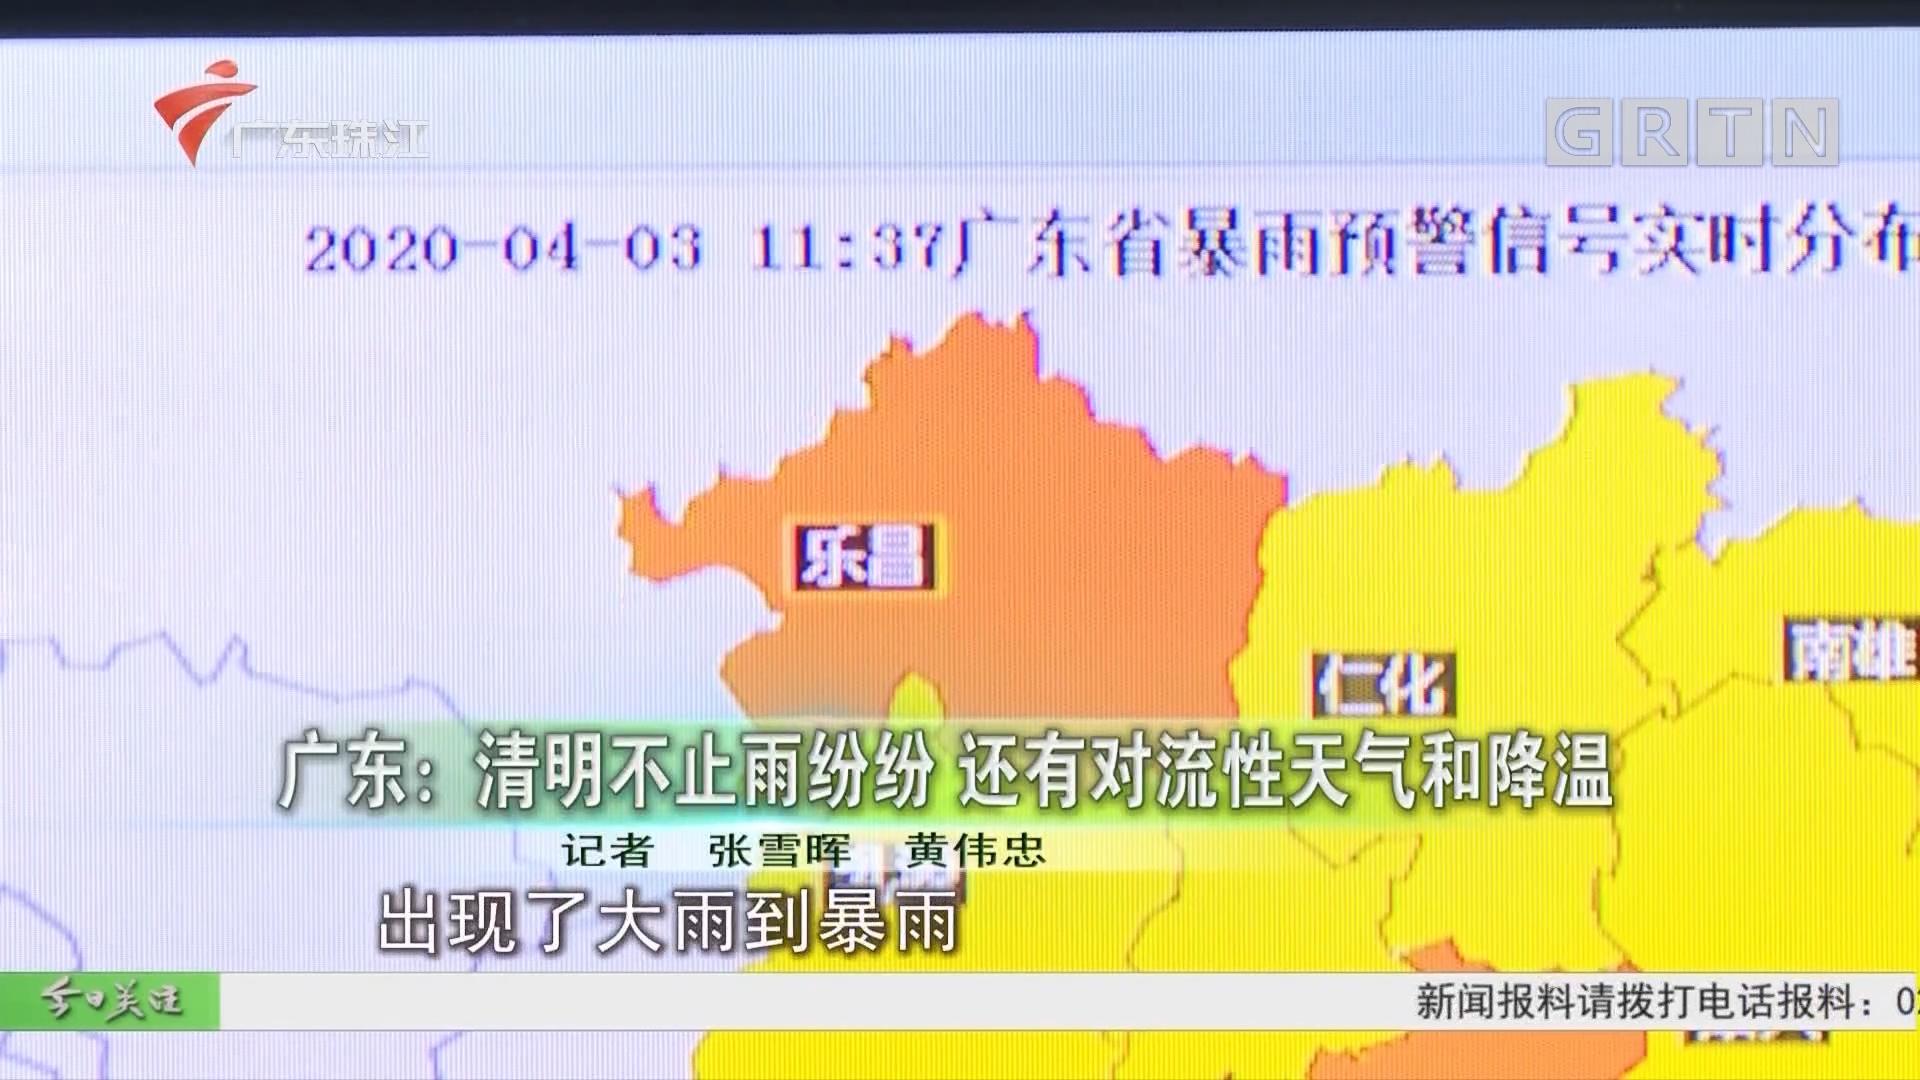 广东:清明不止雨纷纷 还有对流性天气和降温